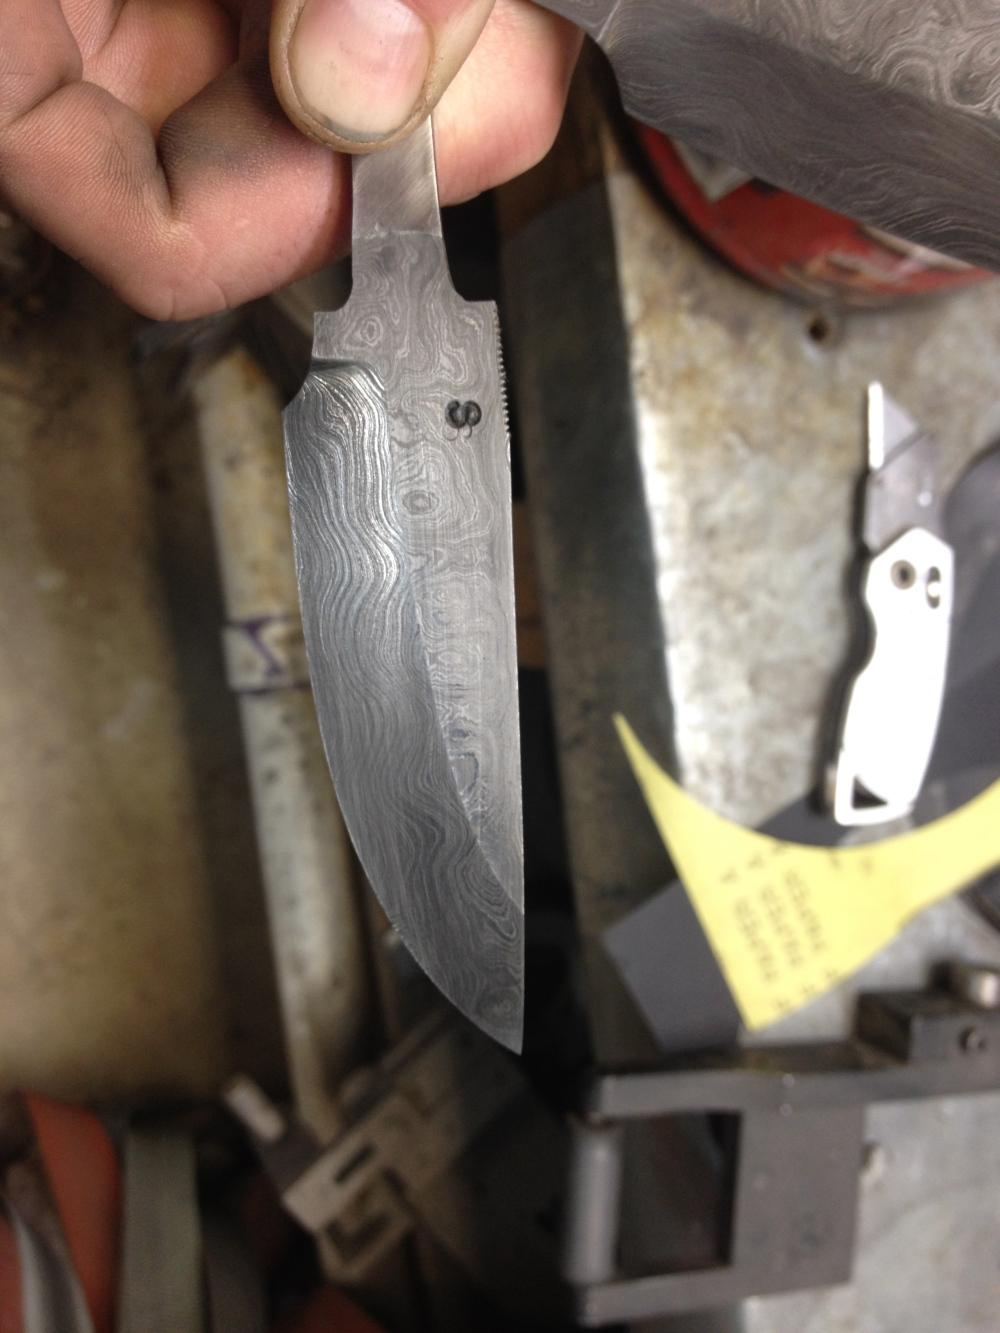 Samantha's blade